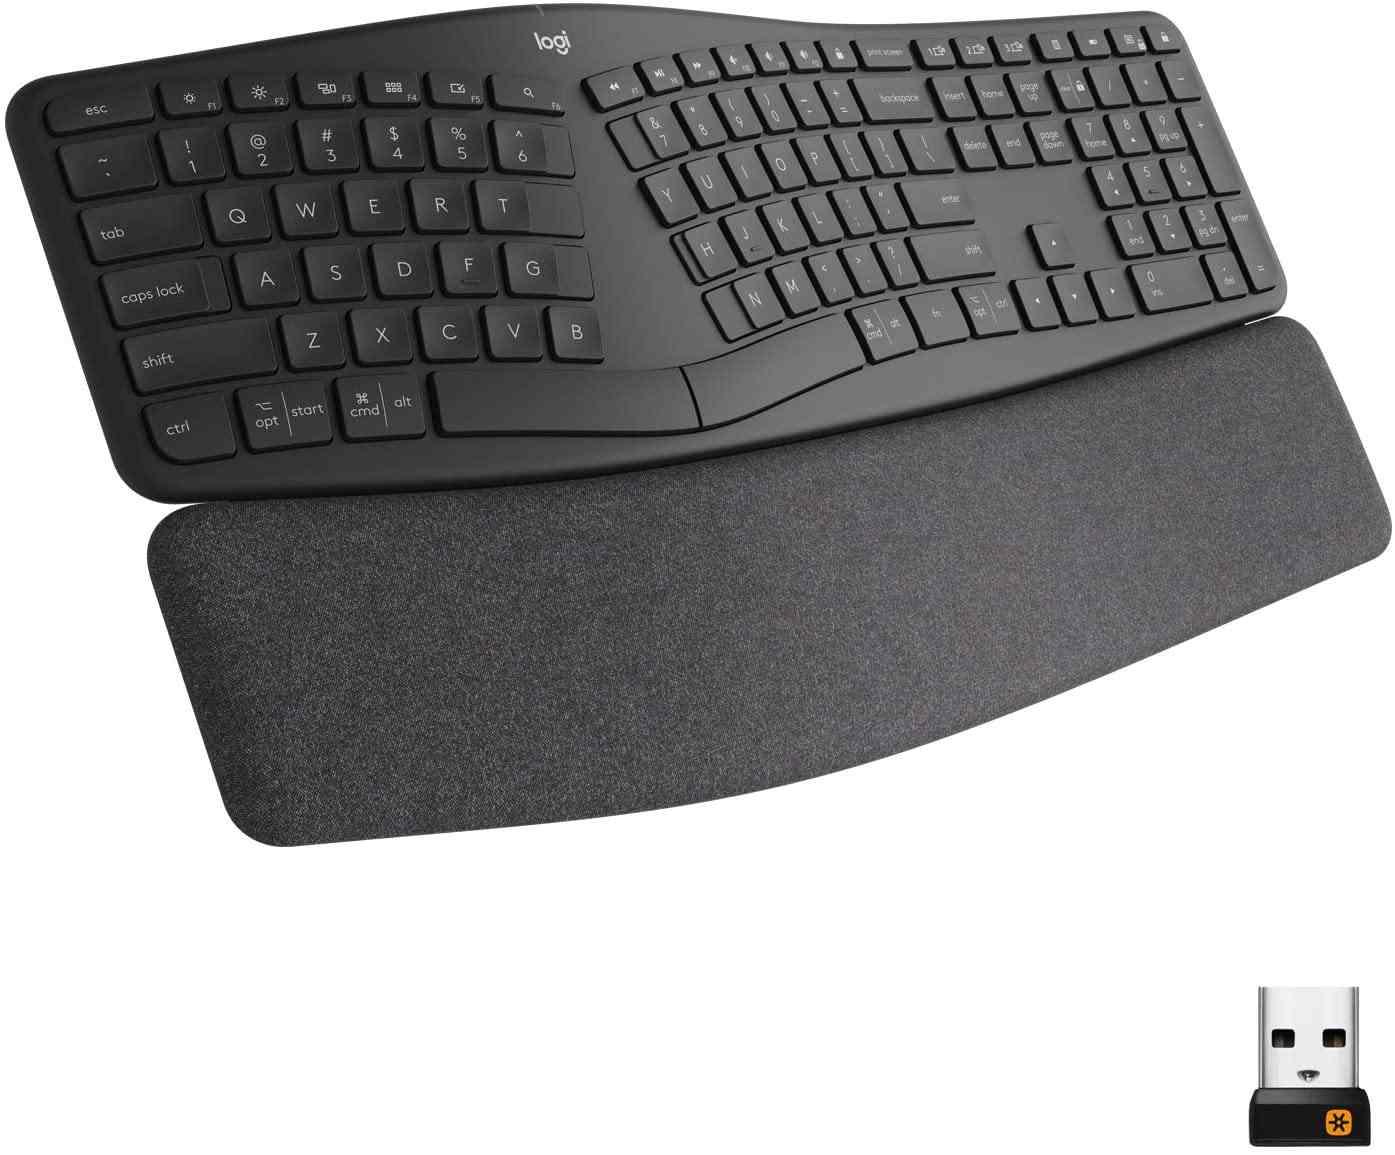 Logitech - best ergonomic keyboard for Mac